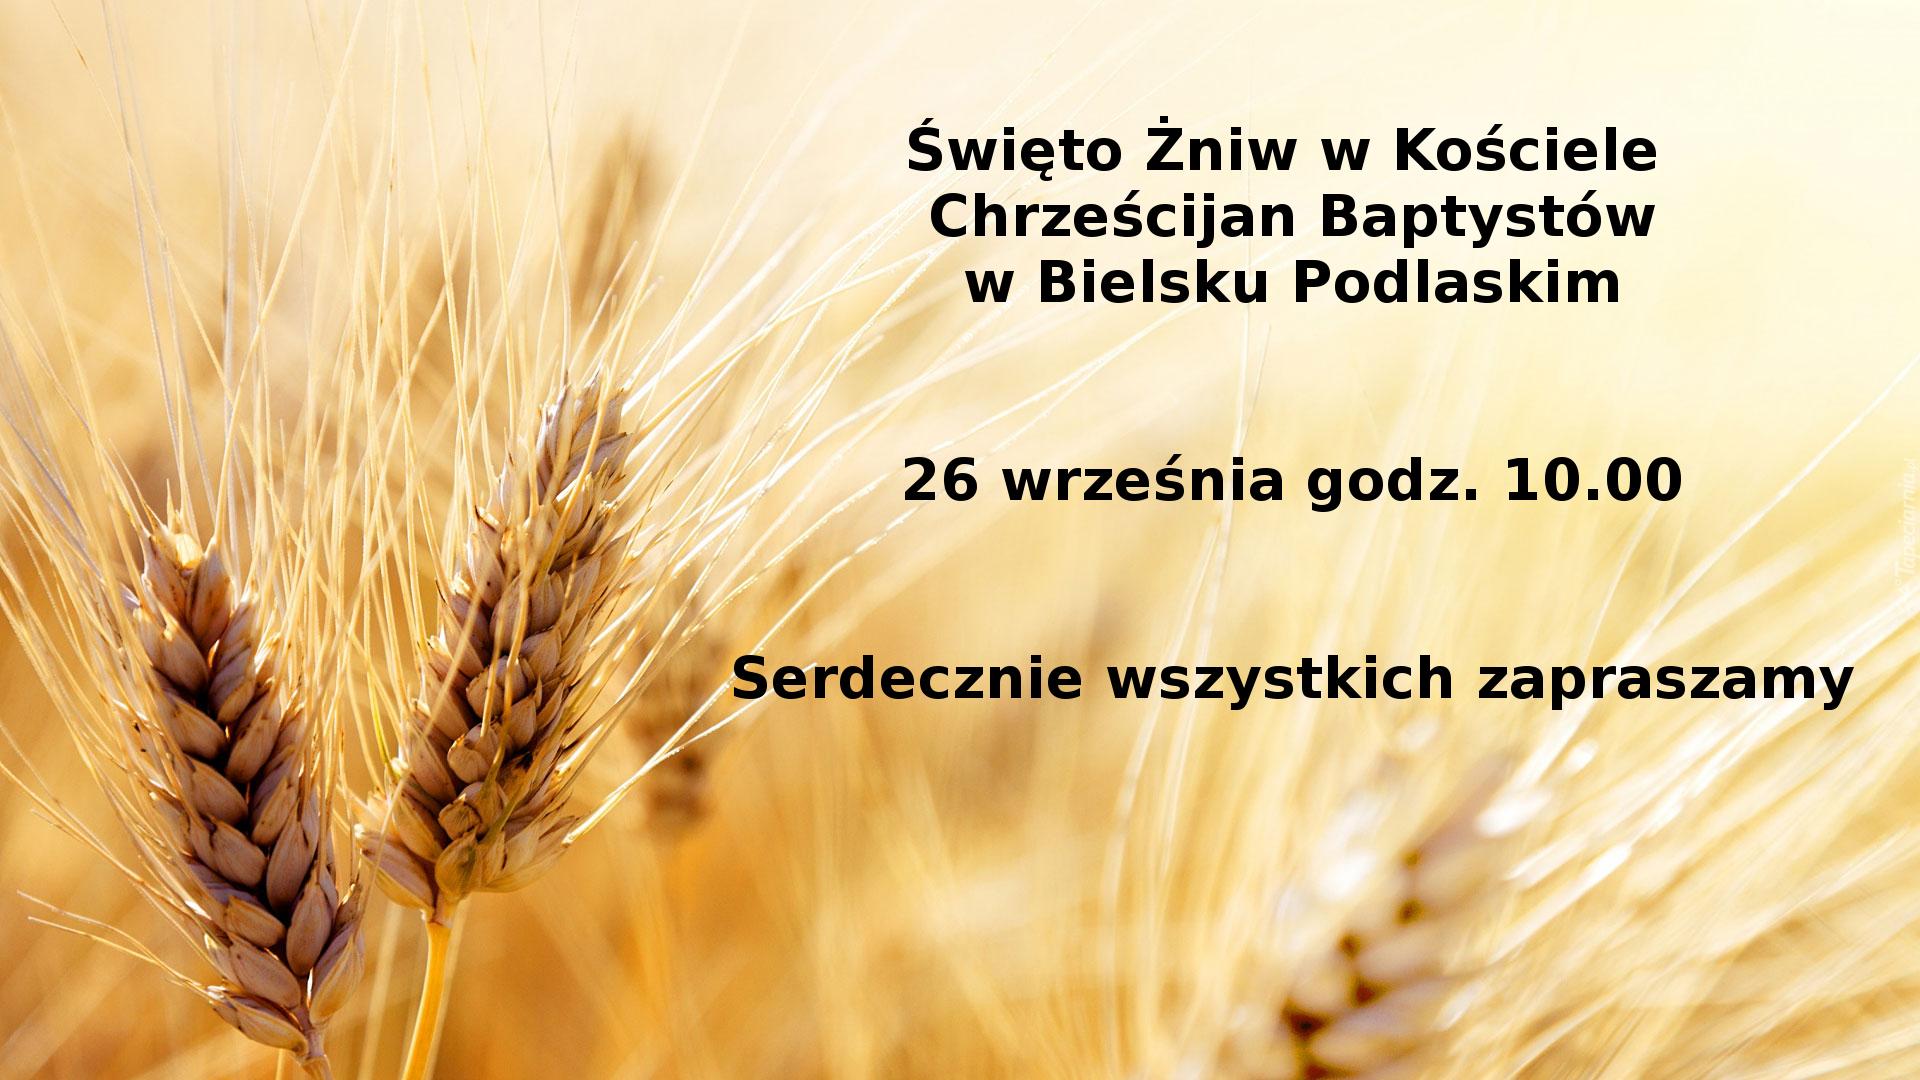 Święto Żniw w Kościele Chrześcijan Baptystów w Bielsku Podlaskim. 26 września godz. 10:00. Serdecznie wszystkich zapraszamy.